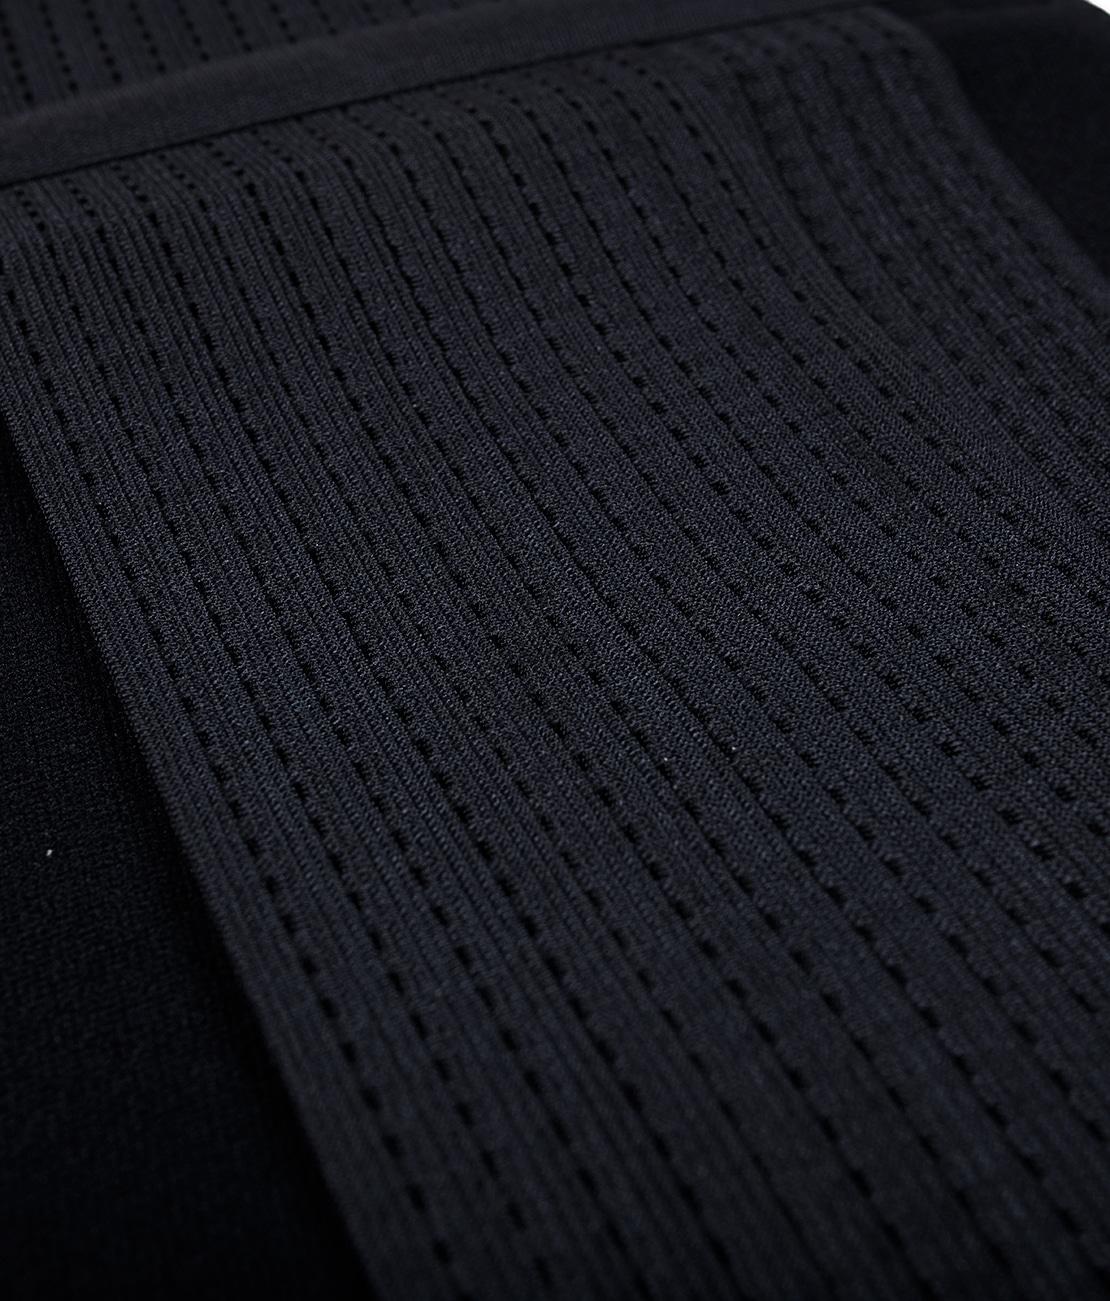 Ceinture de Sudation Noire Packshot Detail 3